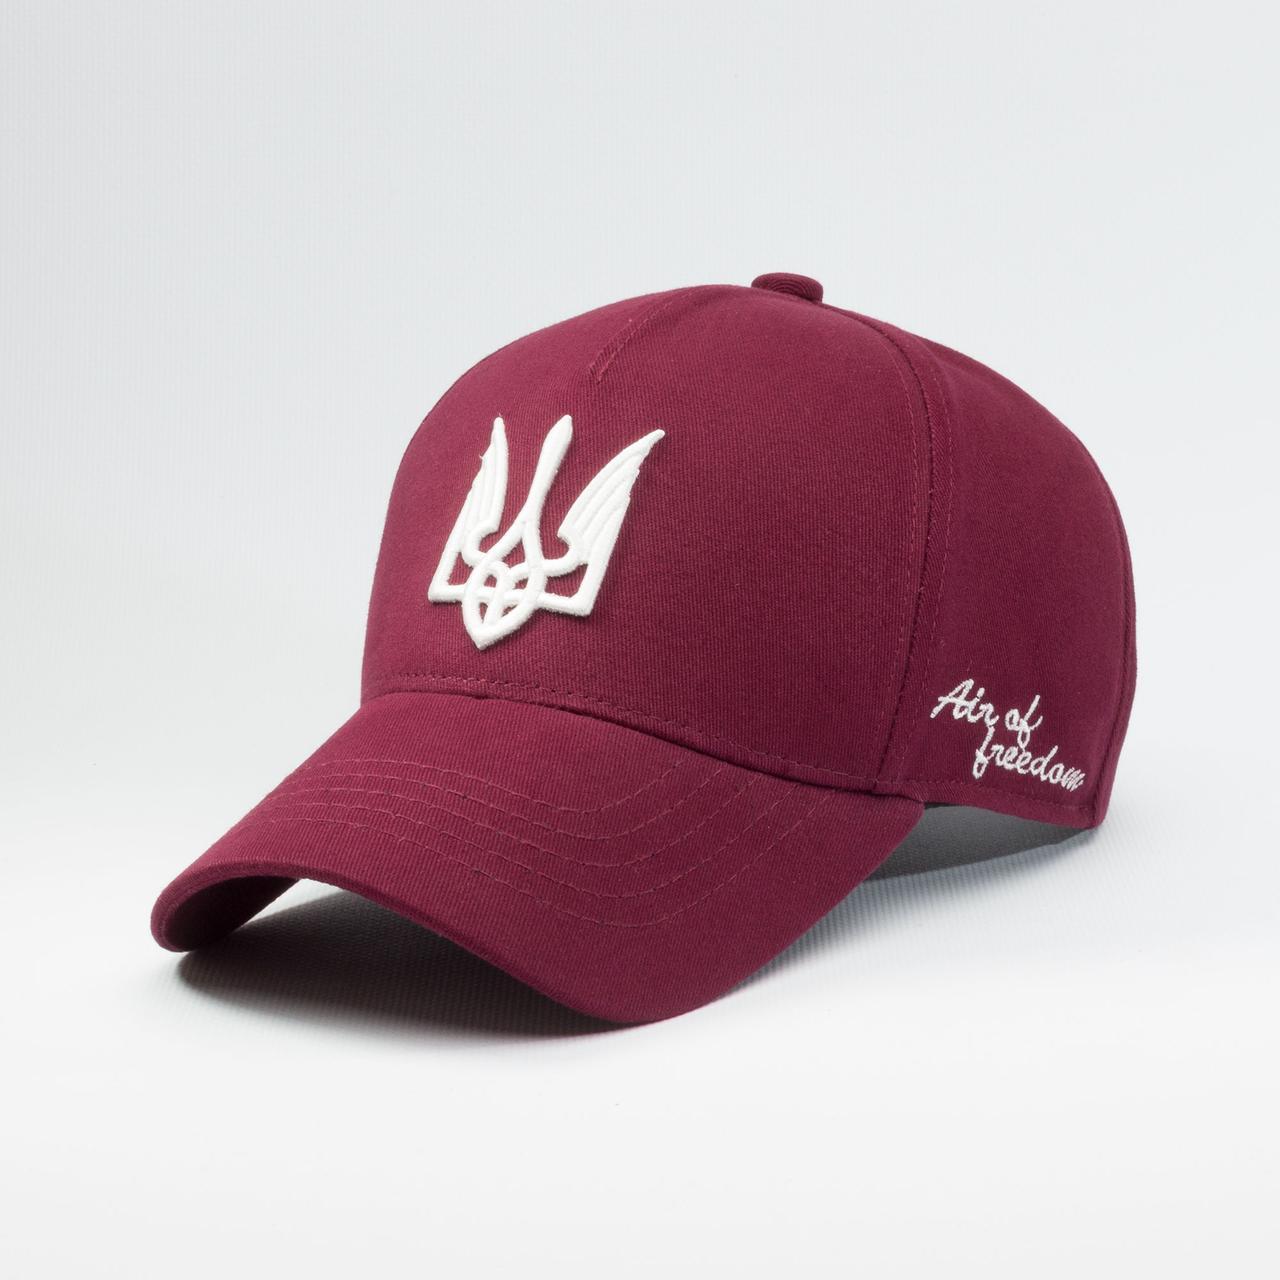 Купить Кепка бейсболка мужская INAL air of freedom XL / 59-60 RU Бордовый 210559